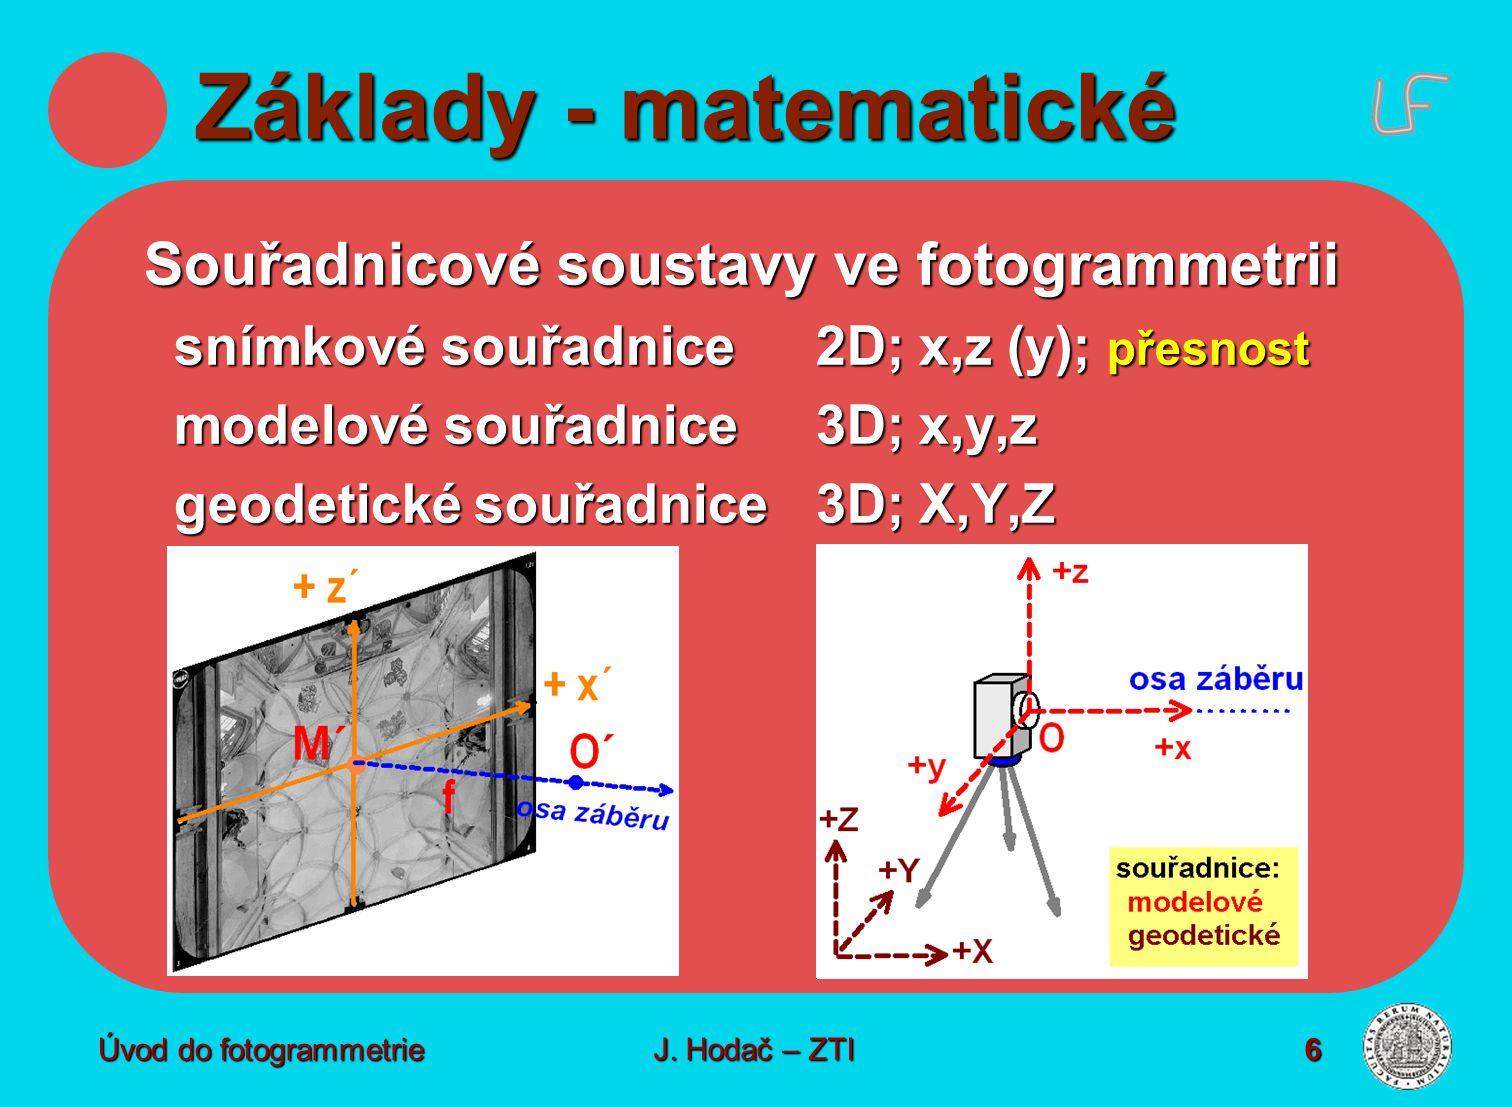 Úvod do fotogrammetrie6 Základy - matematické Souřadnicové soustavy ve fotogrammetrii snímkové souřadnice2D; x,z (y); přesnost snímkové souřadnice2D; x,z (y); přesnost modelové souřadnice3D; x,y,z modelové souřadnice3D; x,y,z geodetické souřadnice3D; X,Y,Z geodetické souřadnice3D; X,Y,Z J.